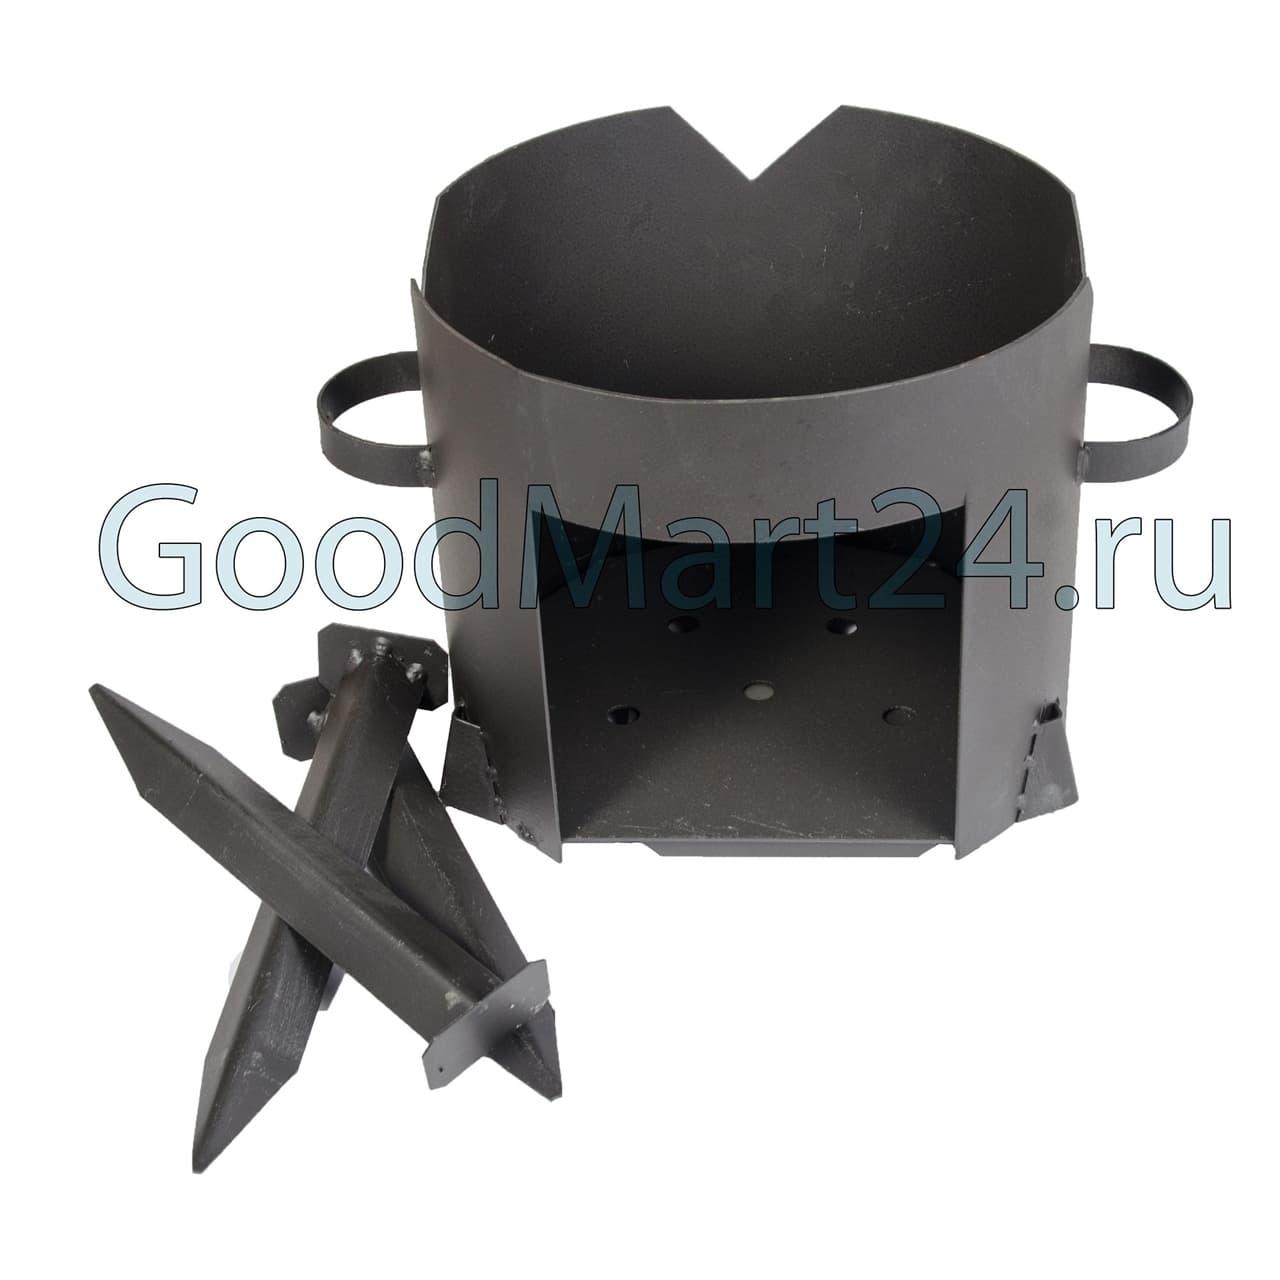 Чугунный казан 4 л. Балезинский ЛМЗ + Печь d-280 мм сталь 2 мм. - фото 4830